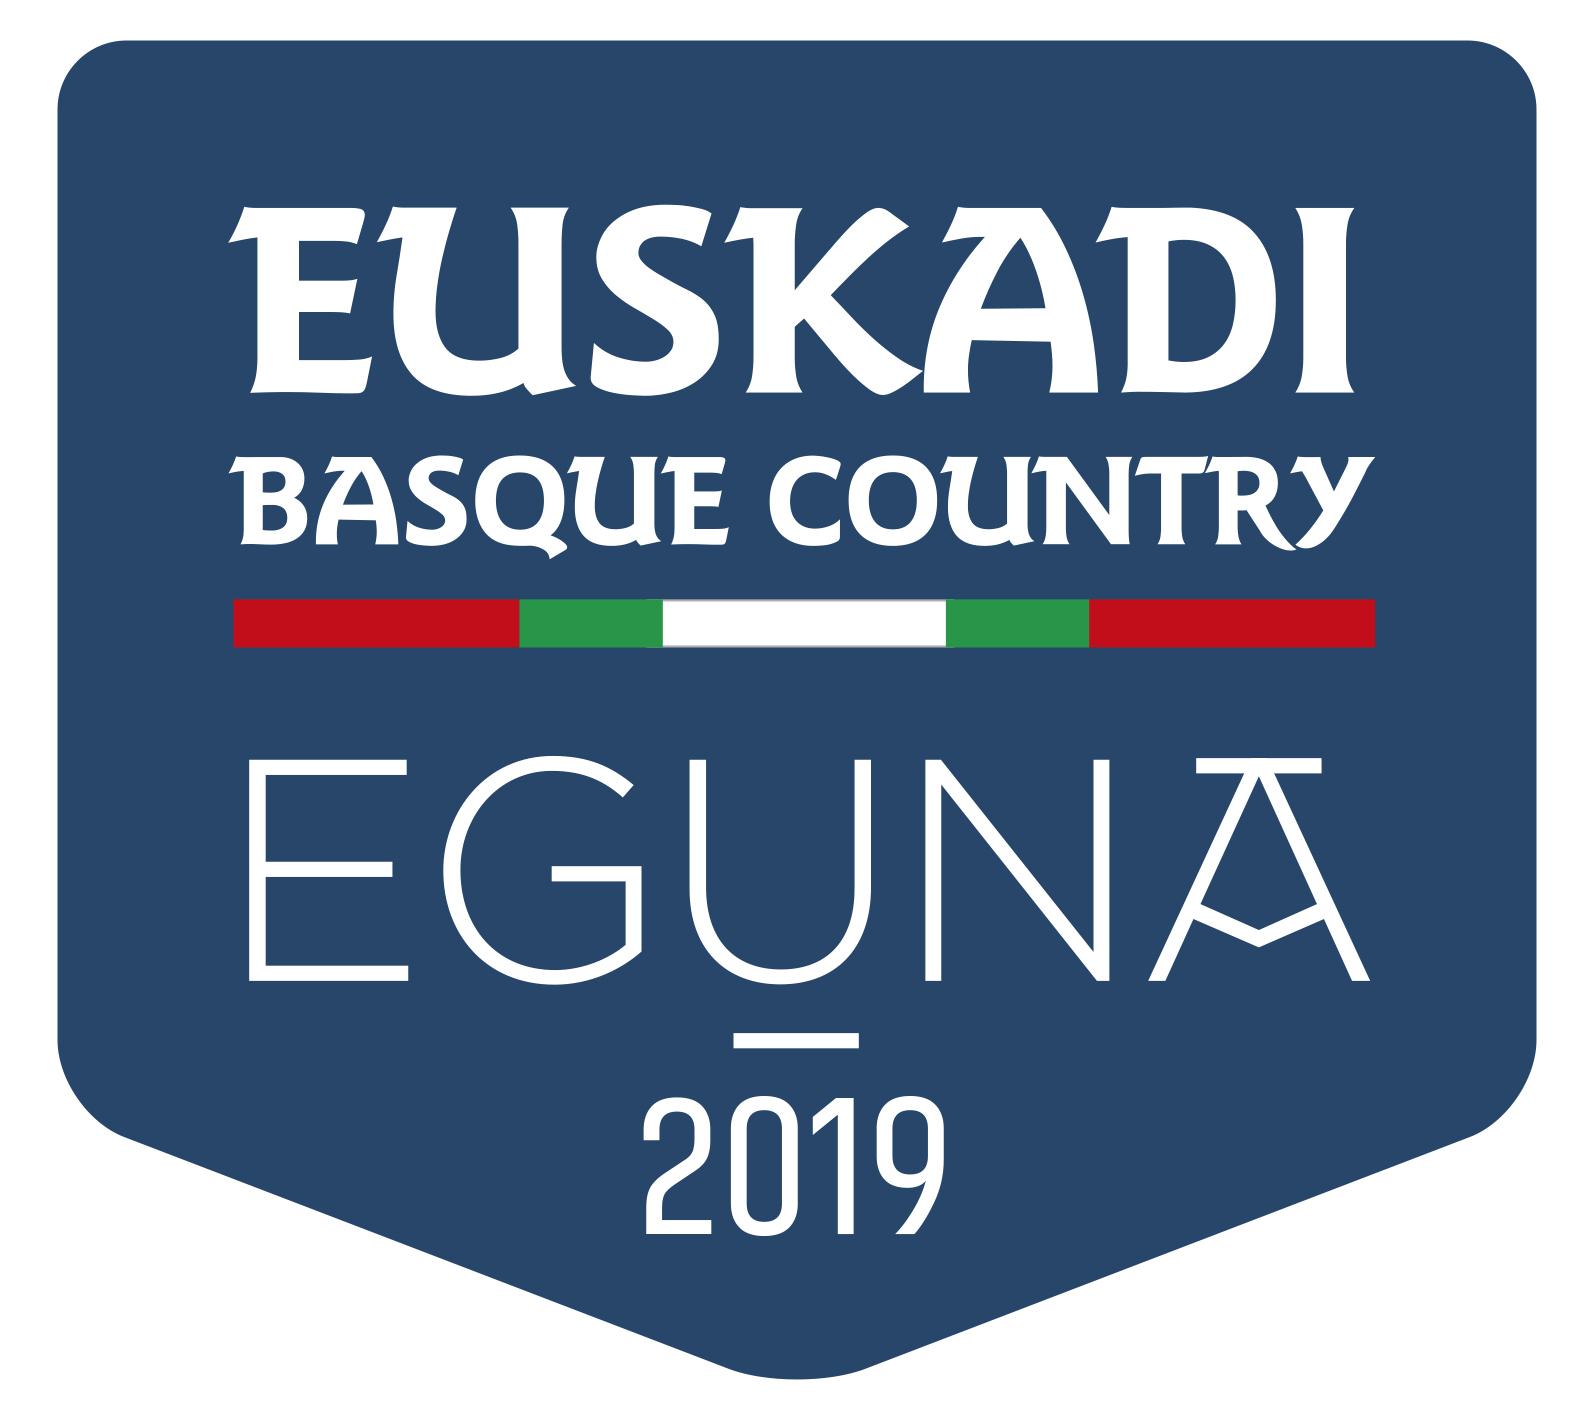 Basque_eguna.jpg